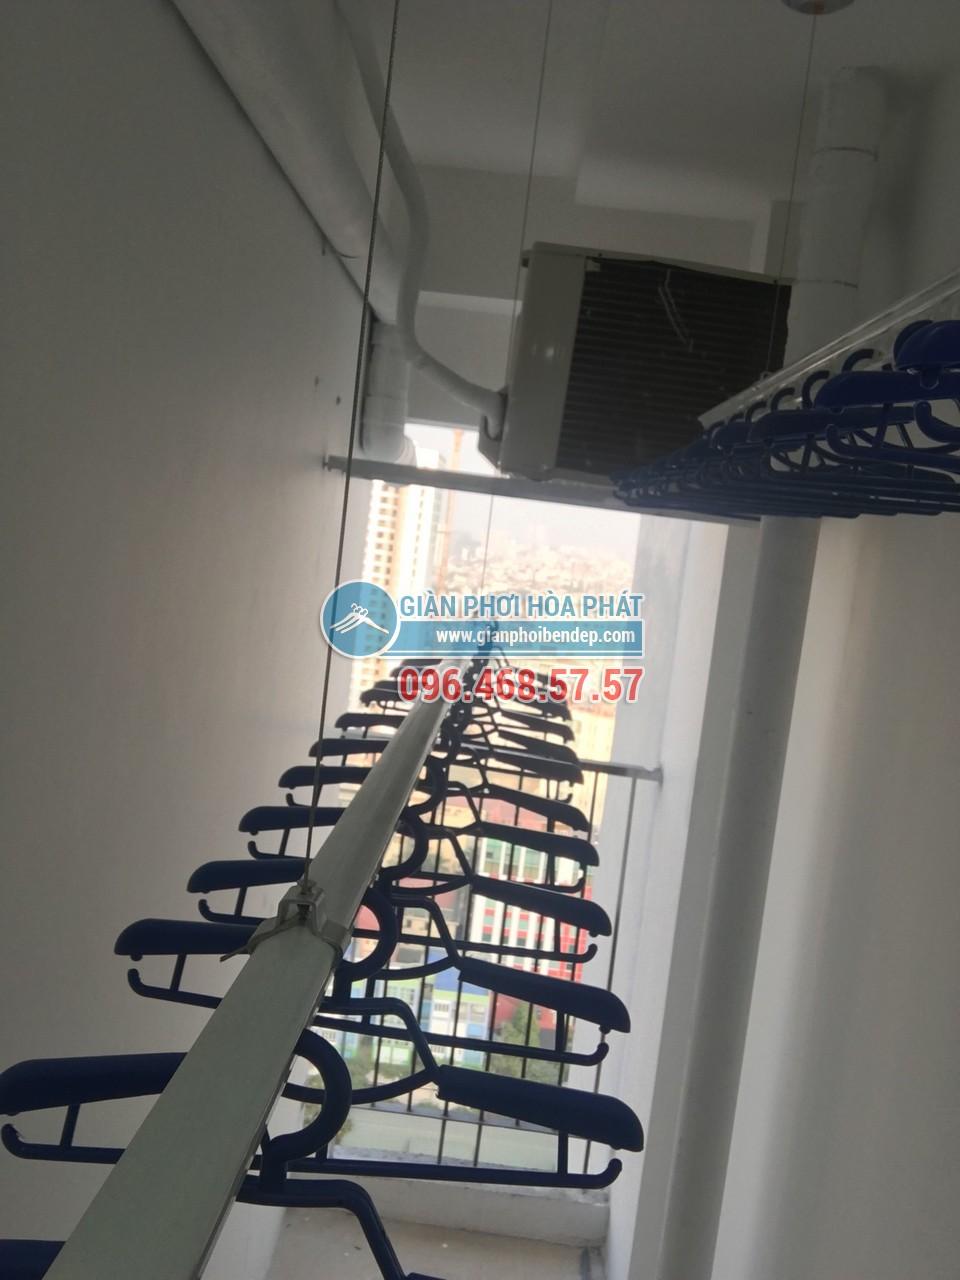 Hoàn thiện lắp đặt giàn phơi thông minh tại lô gia nhà chú Hưng, Golden West - 02